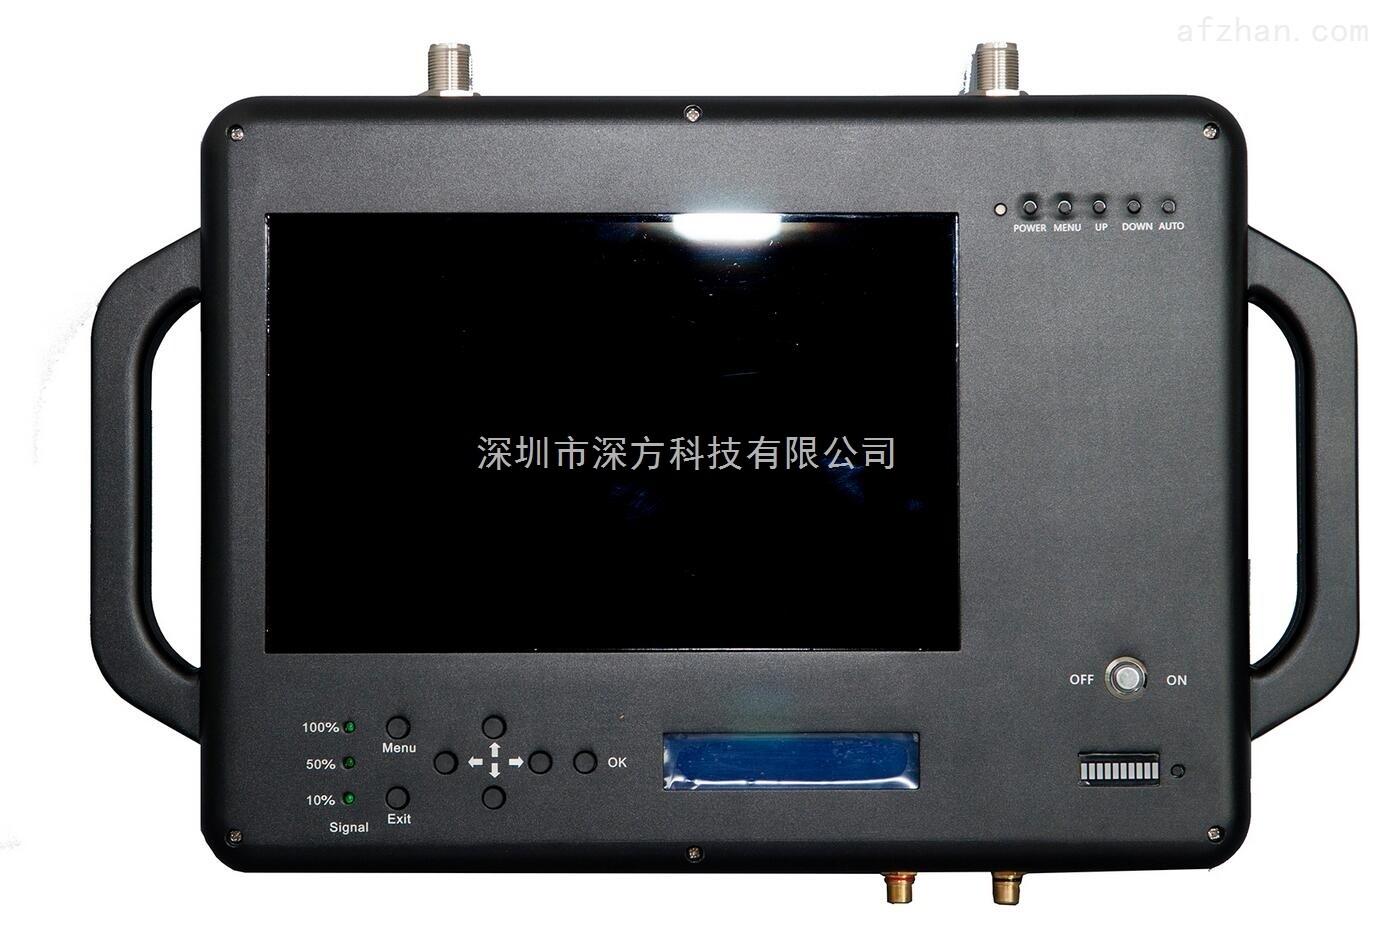 移动视频高清接收机,COFDM移动无线传输设备,晚会现场无线监控